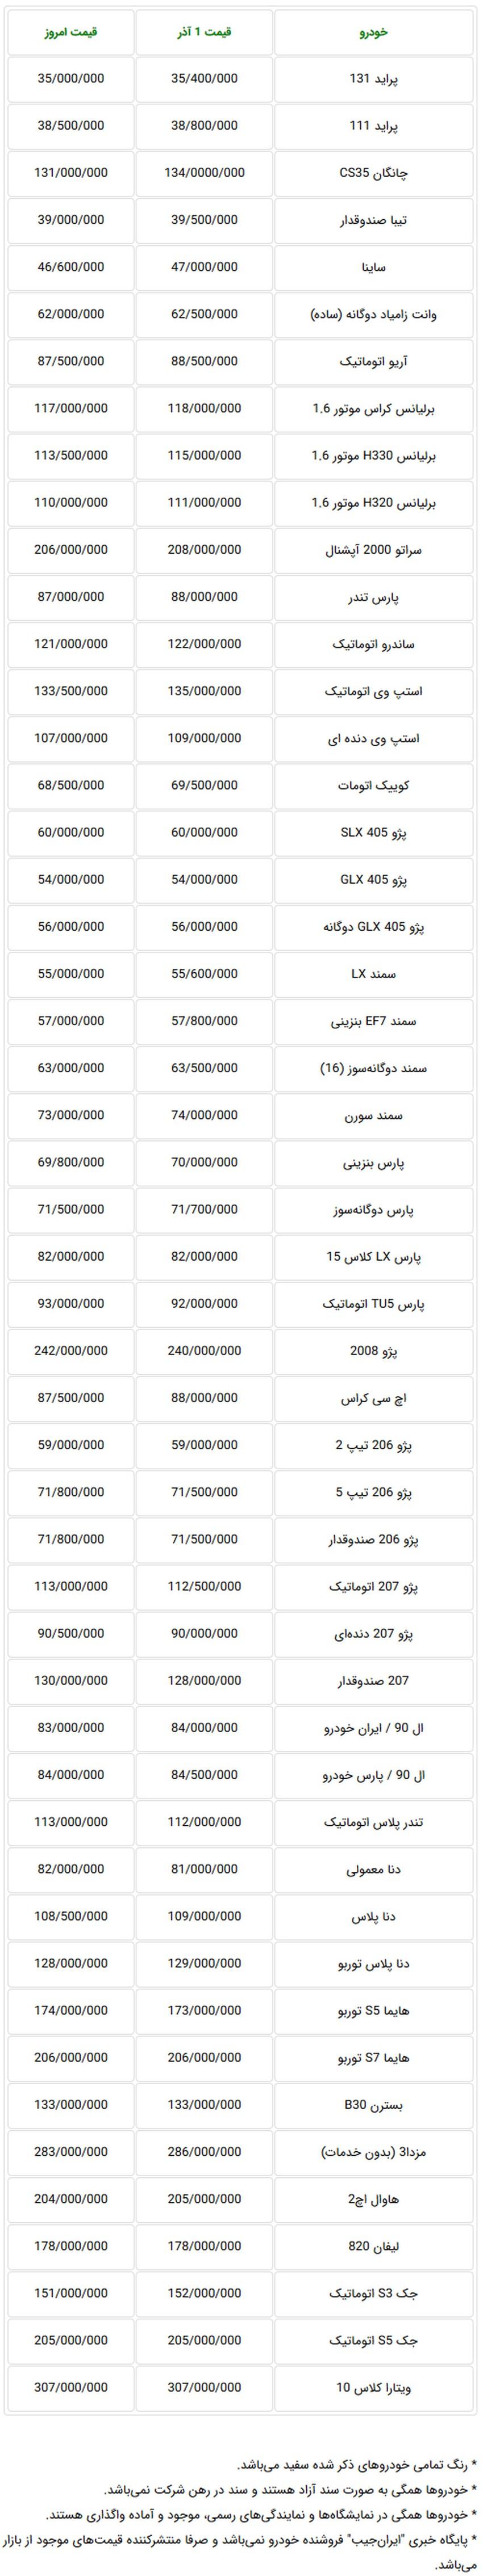 جدول قیمت جدید خودروهای داخلی در بازار تهران - ۶ آذرماه ۹۷